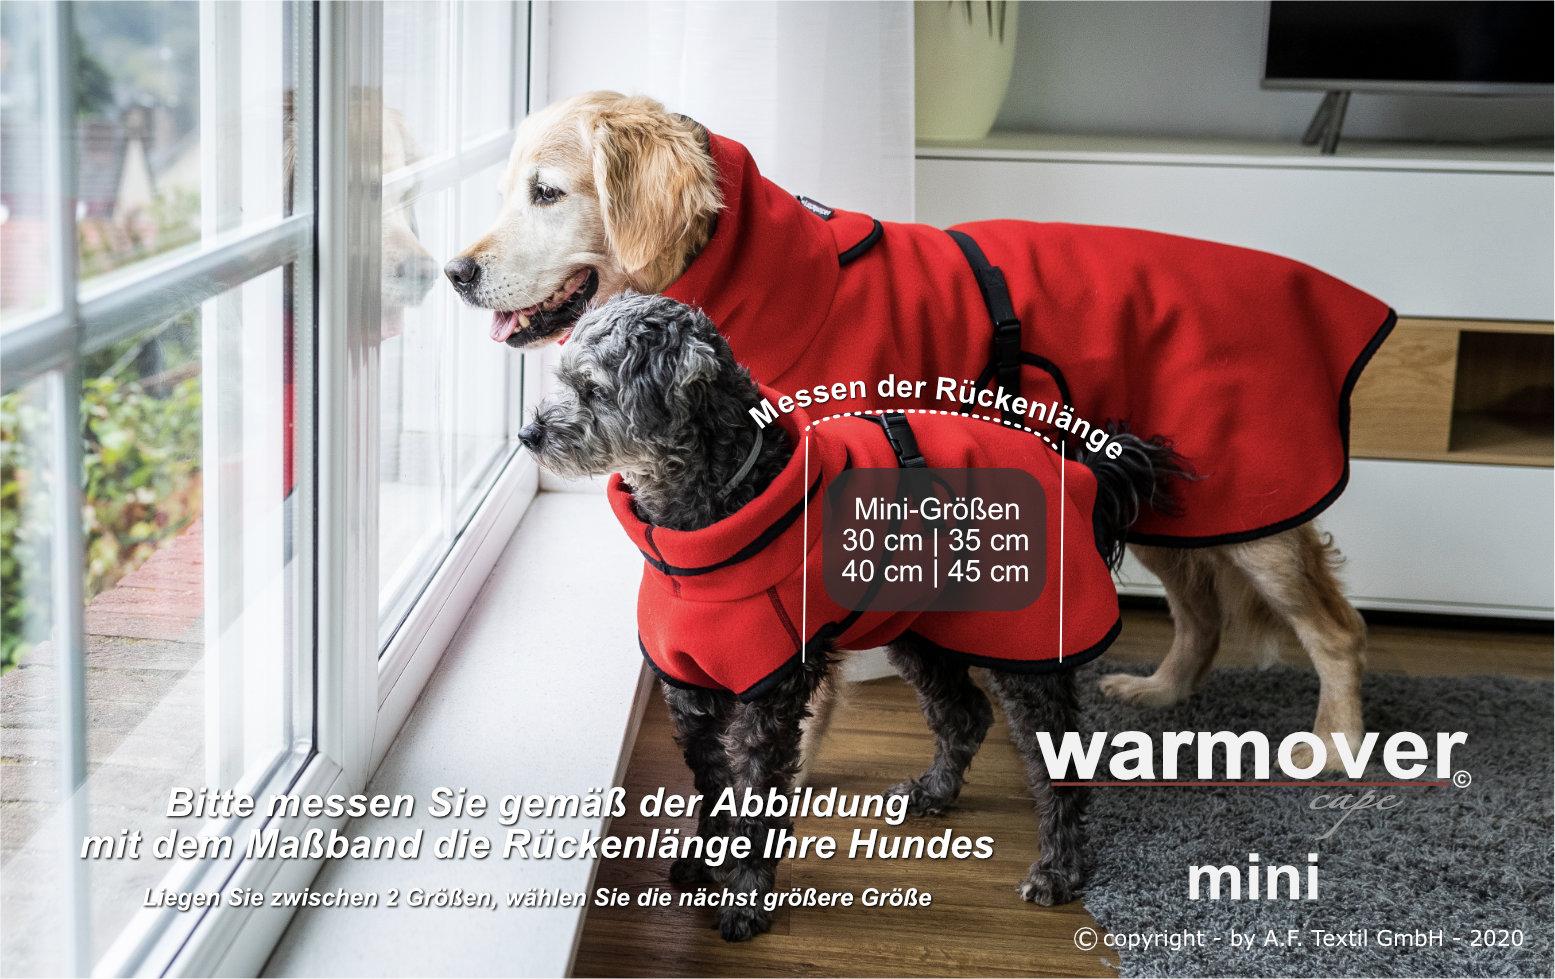 warmover-cape-gr-ssenfindung-deutschXIKAbnviifrzU